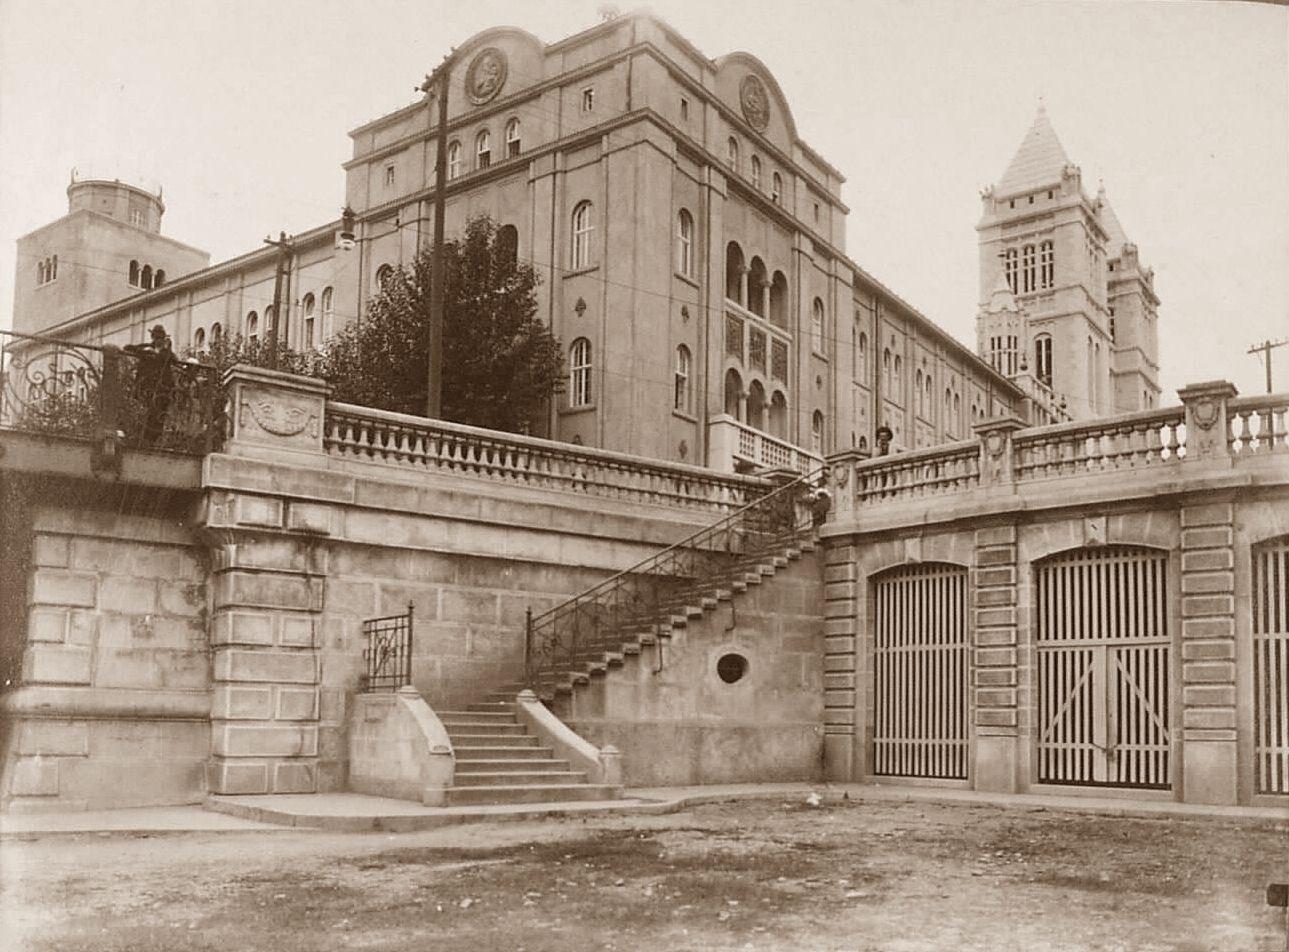 Escadaria de São Bento e parte do Viaduto de Santa Hifigenia  - 1916